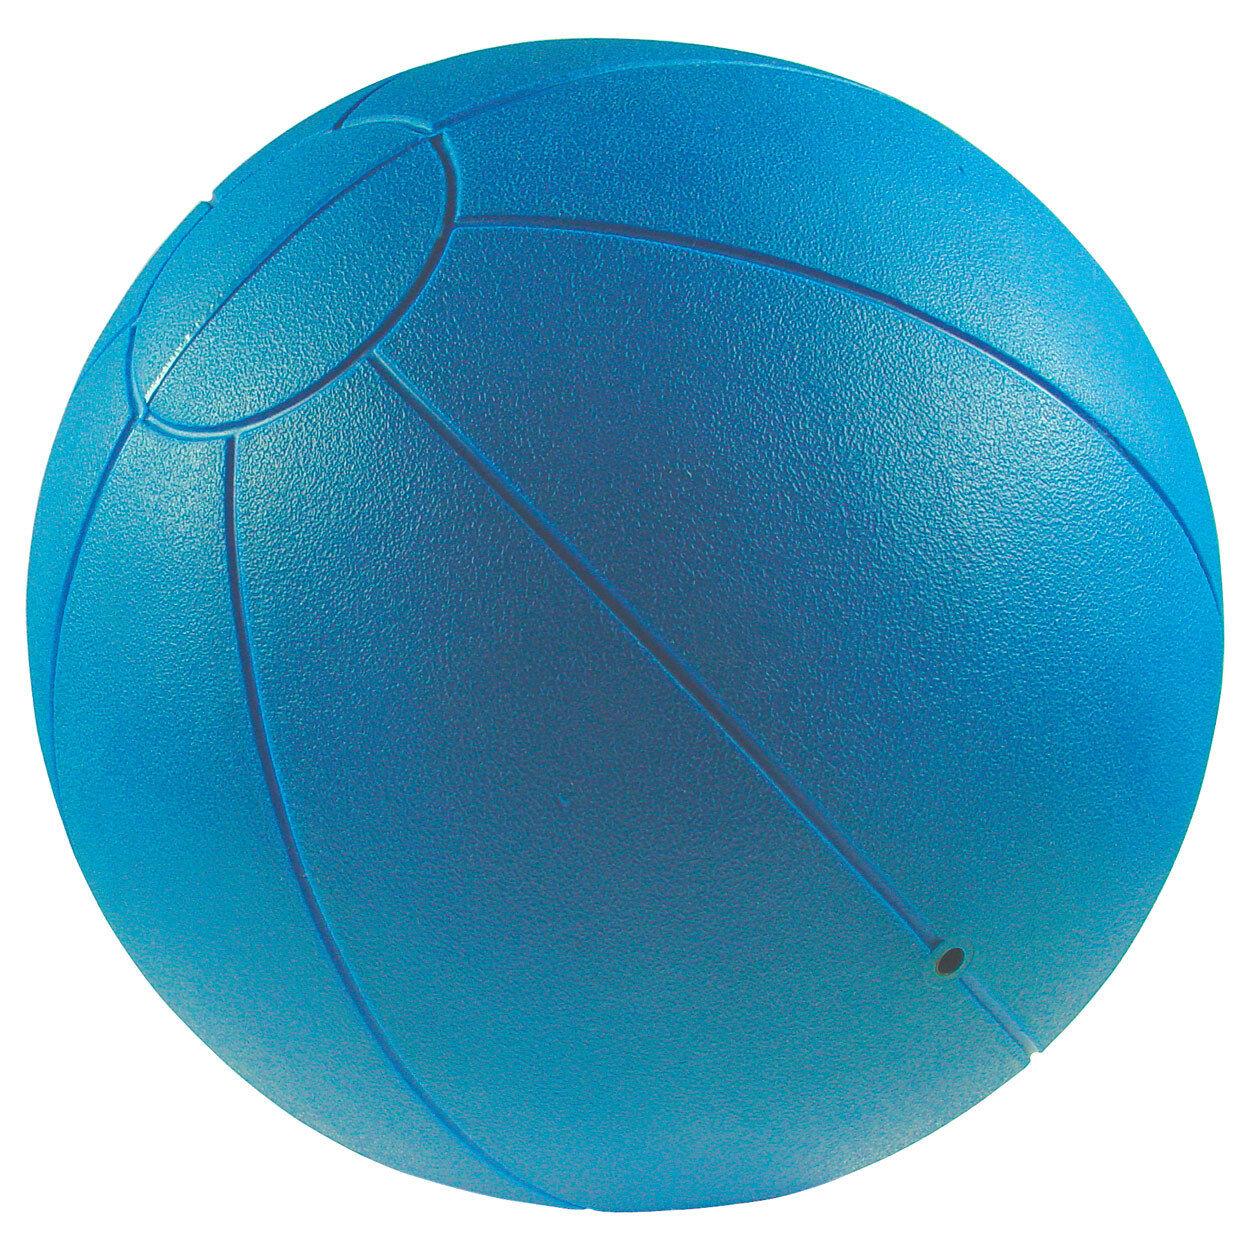 TOGU Medizinball Fitnessball Gewichtsball Rehaball aus Ruton 28 cm, 3 kg, bluee